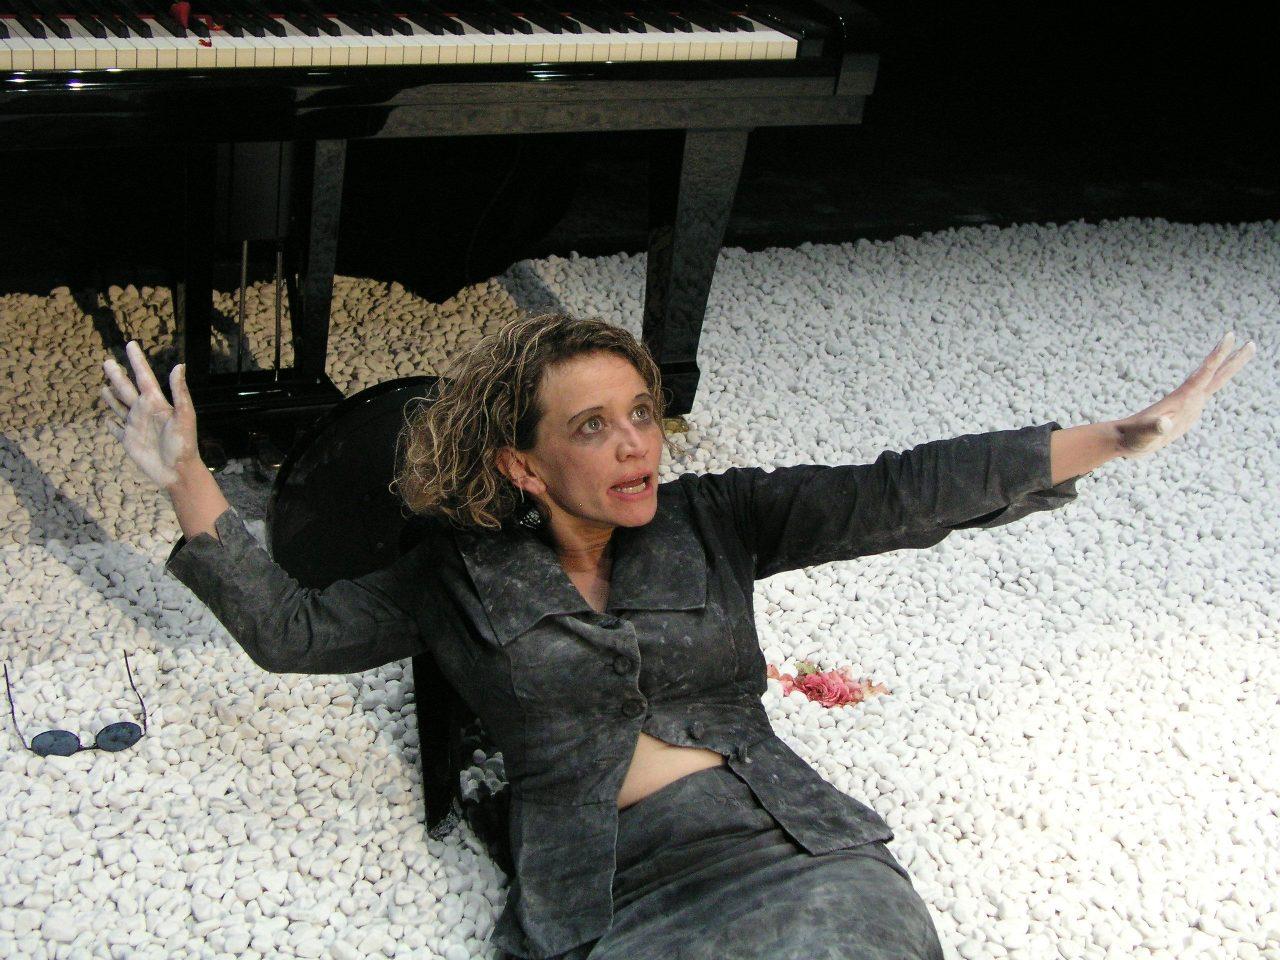 Bettina Kaminski in EINE FRAU GRIECHISCHER HERKUNFT © Mischa Goldmann